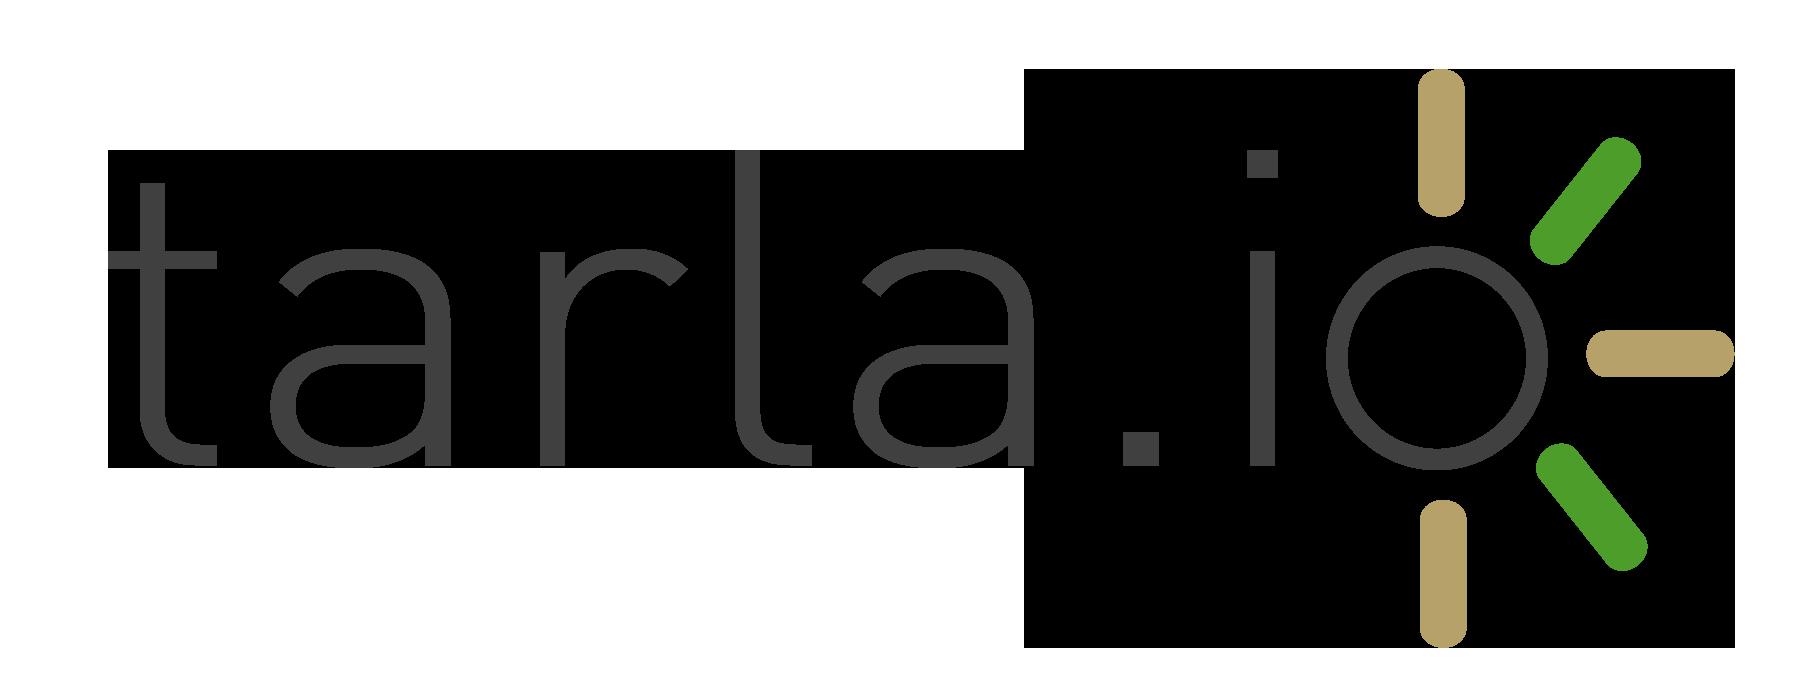 tarlaio logo